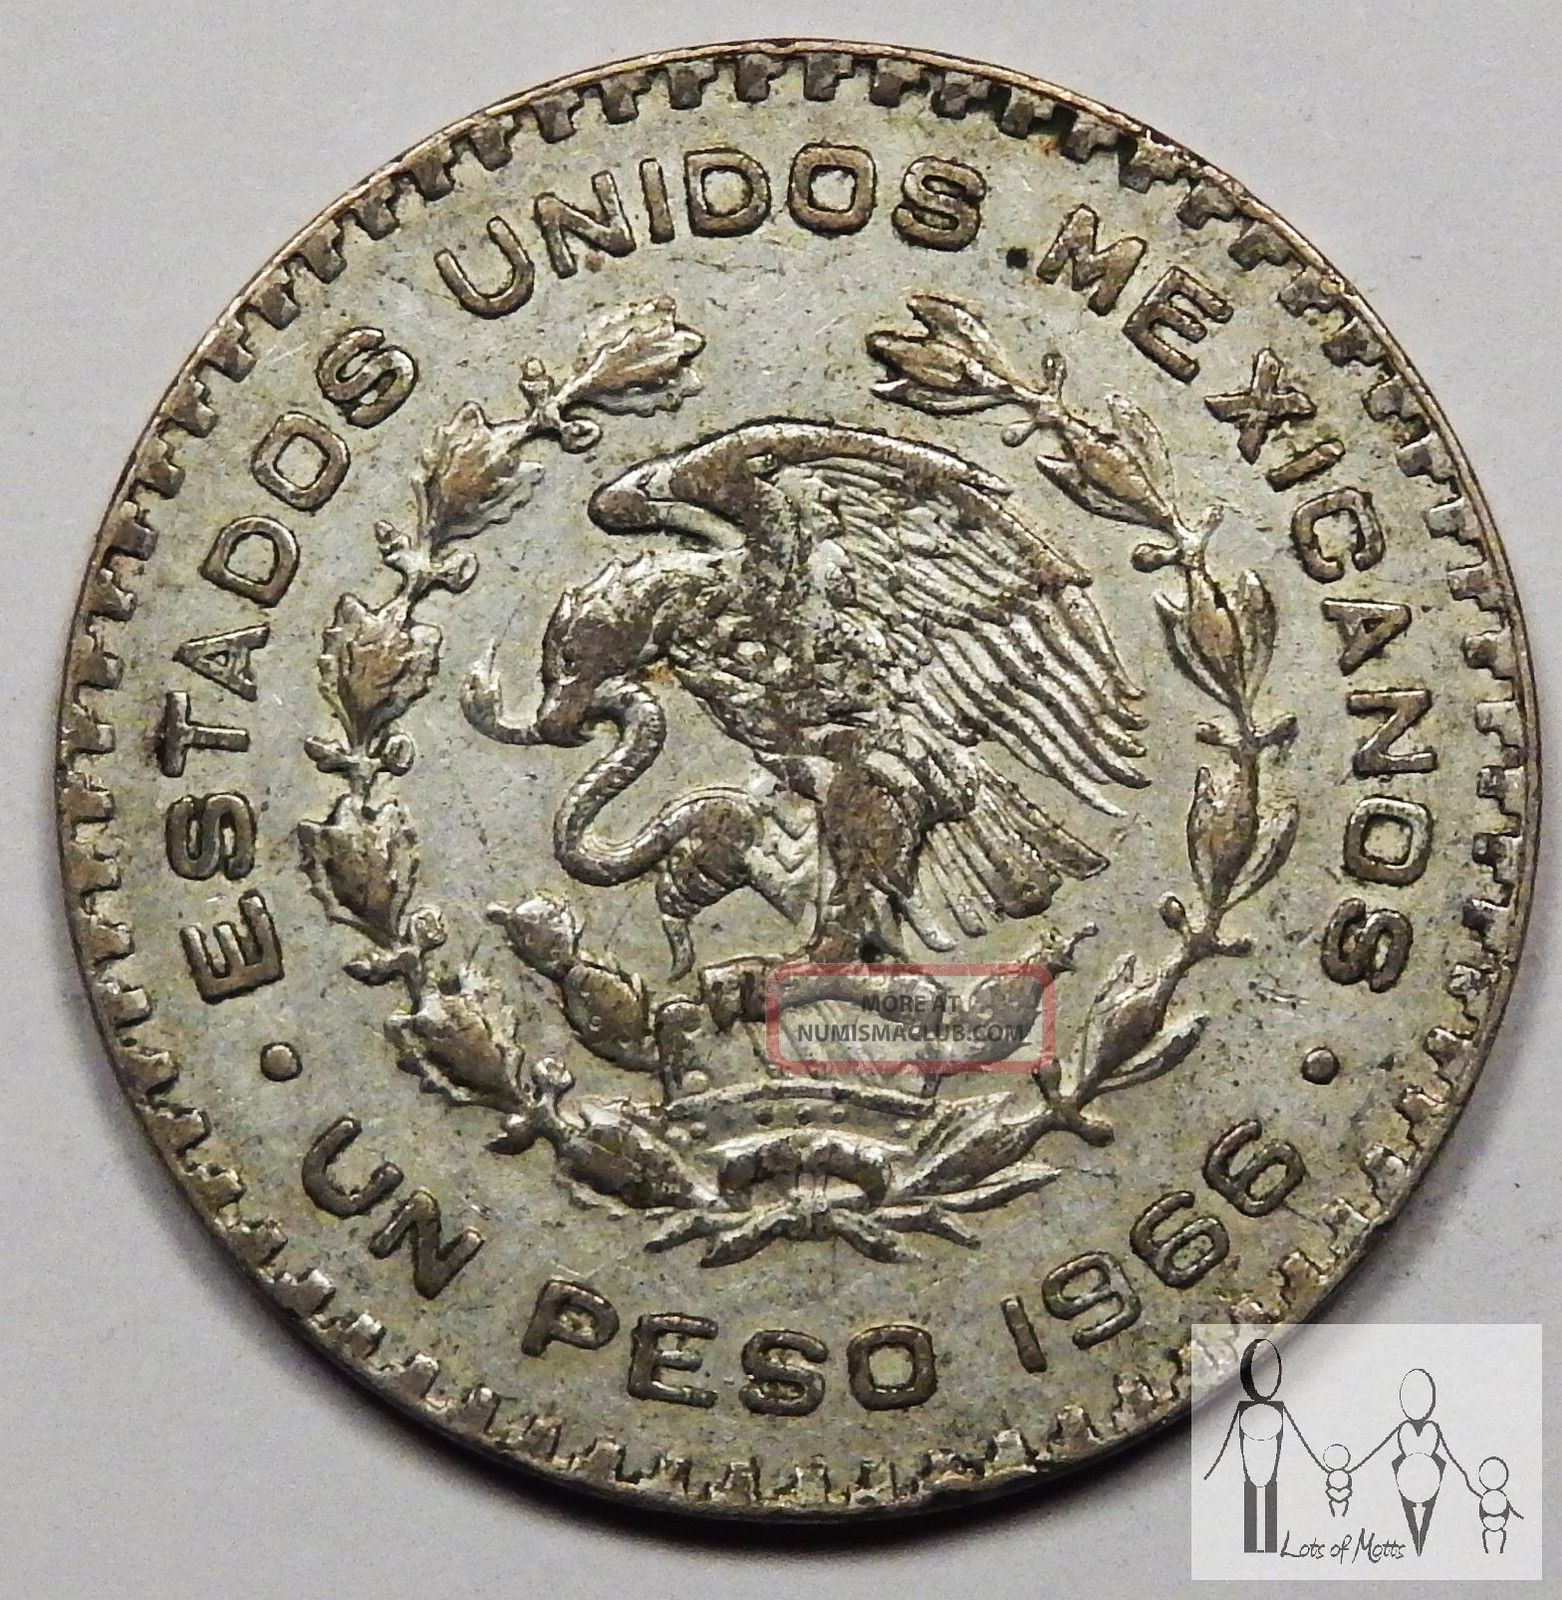 1966 un peso coin